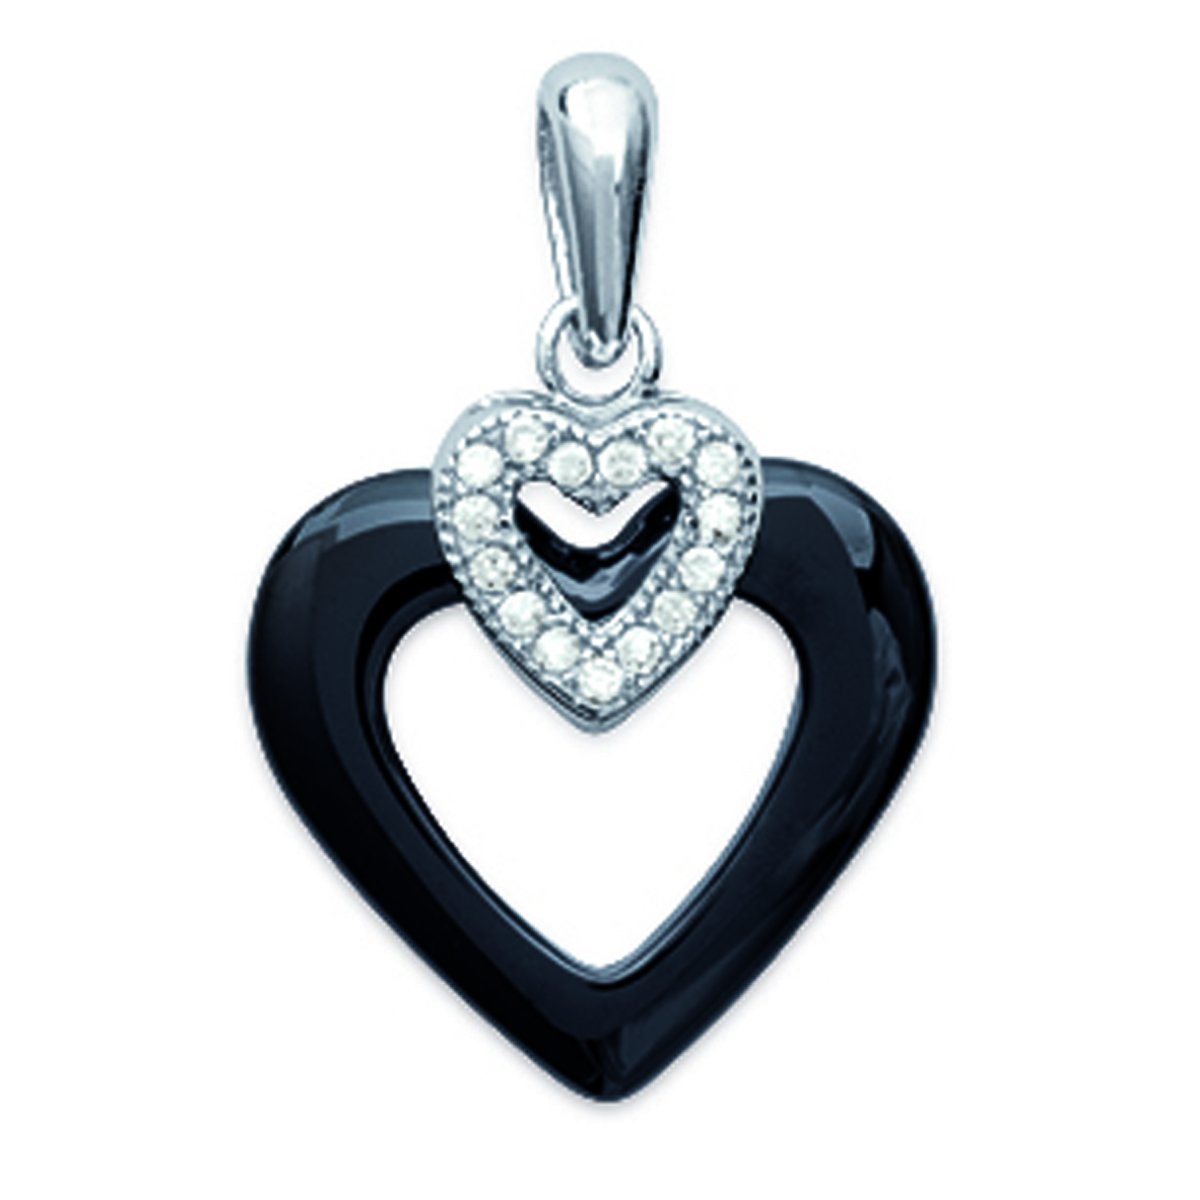 Pendentif Argent \'Love\' noir blanc (céramique) rhodié - 15x14 mm - [L3925]